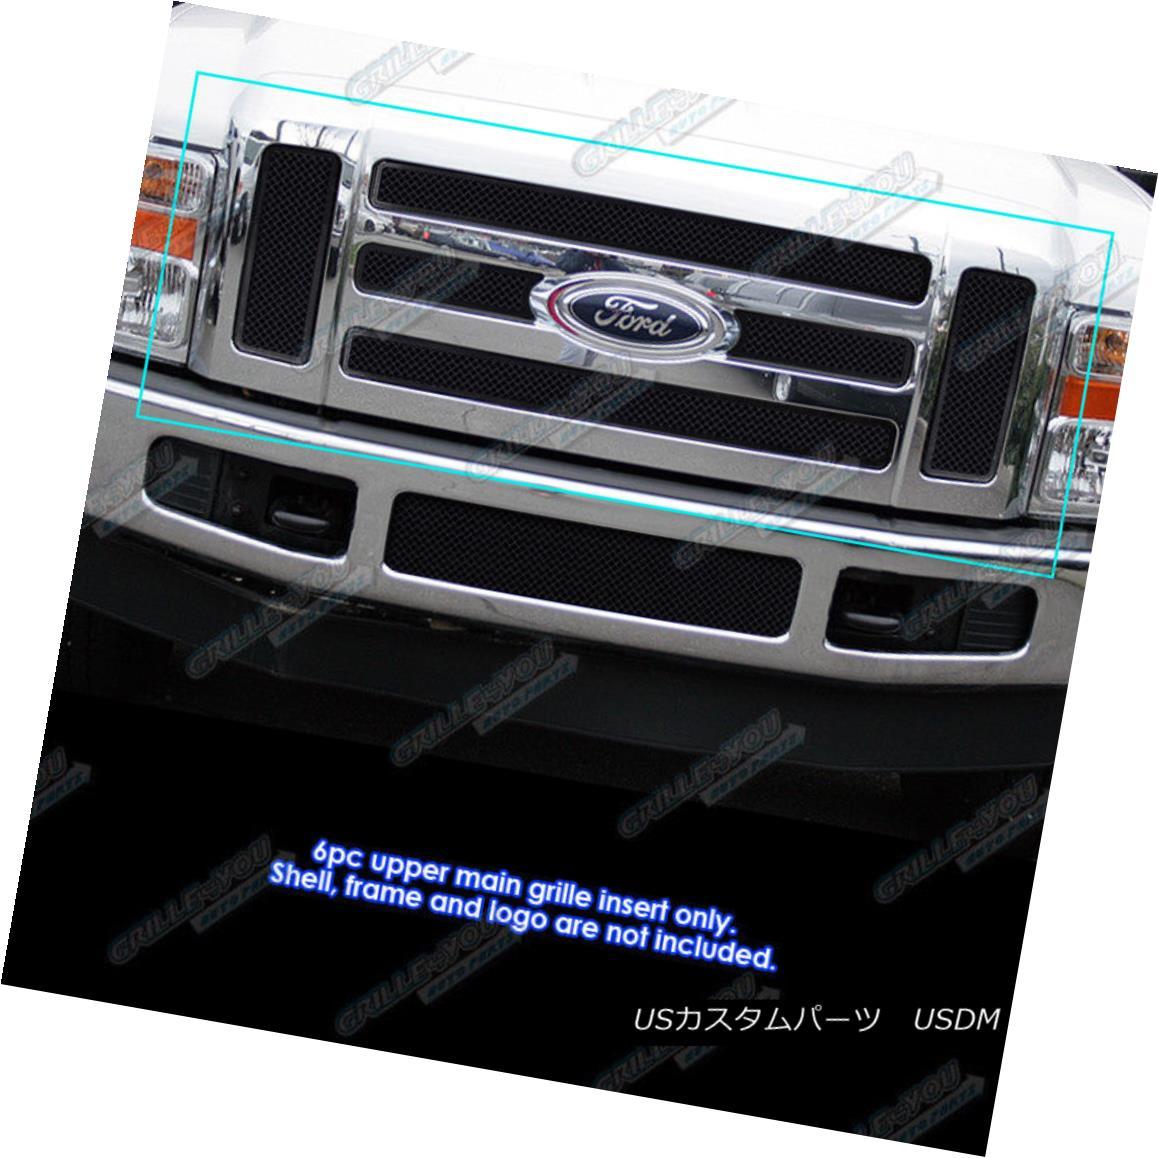 グリル Fits 08-10 Ford F-250/F-350 Super Duty Black Mesh Grille フィット08-10フォードF-250 / F-350スーパーデューティブラックメッシュグリル